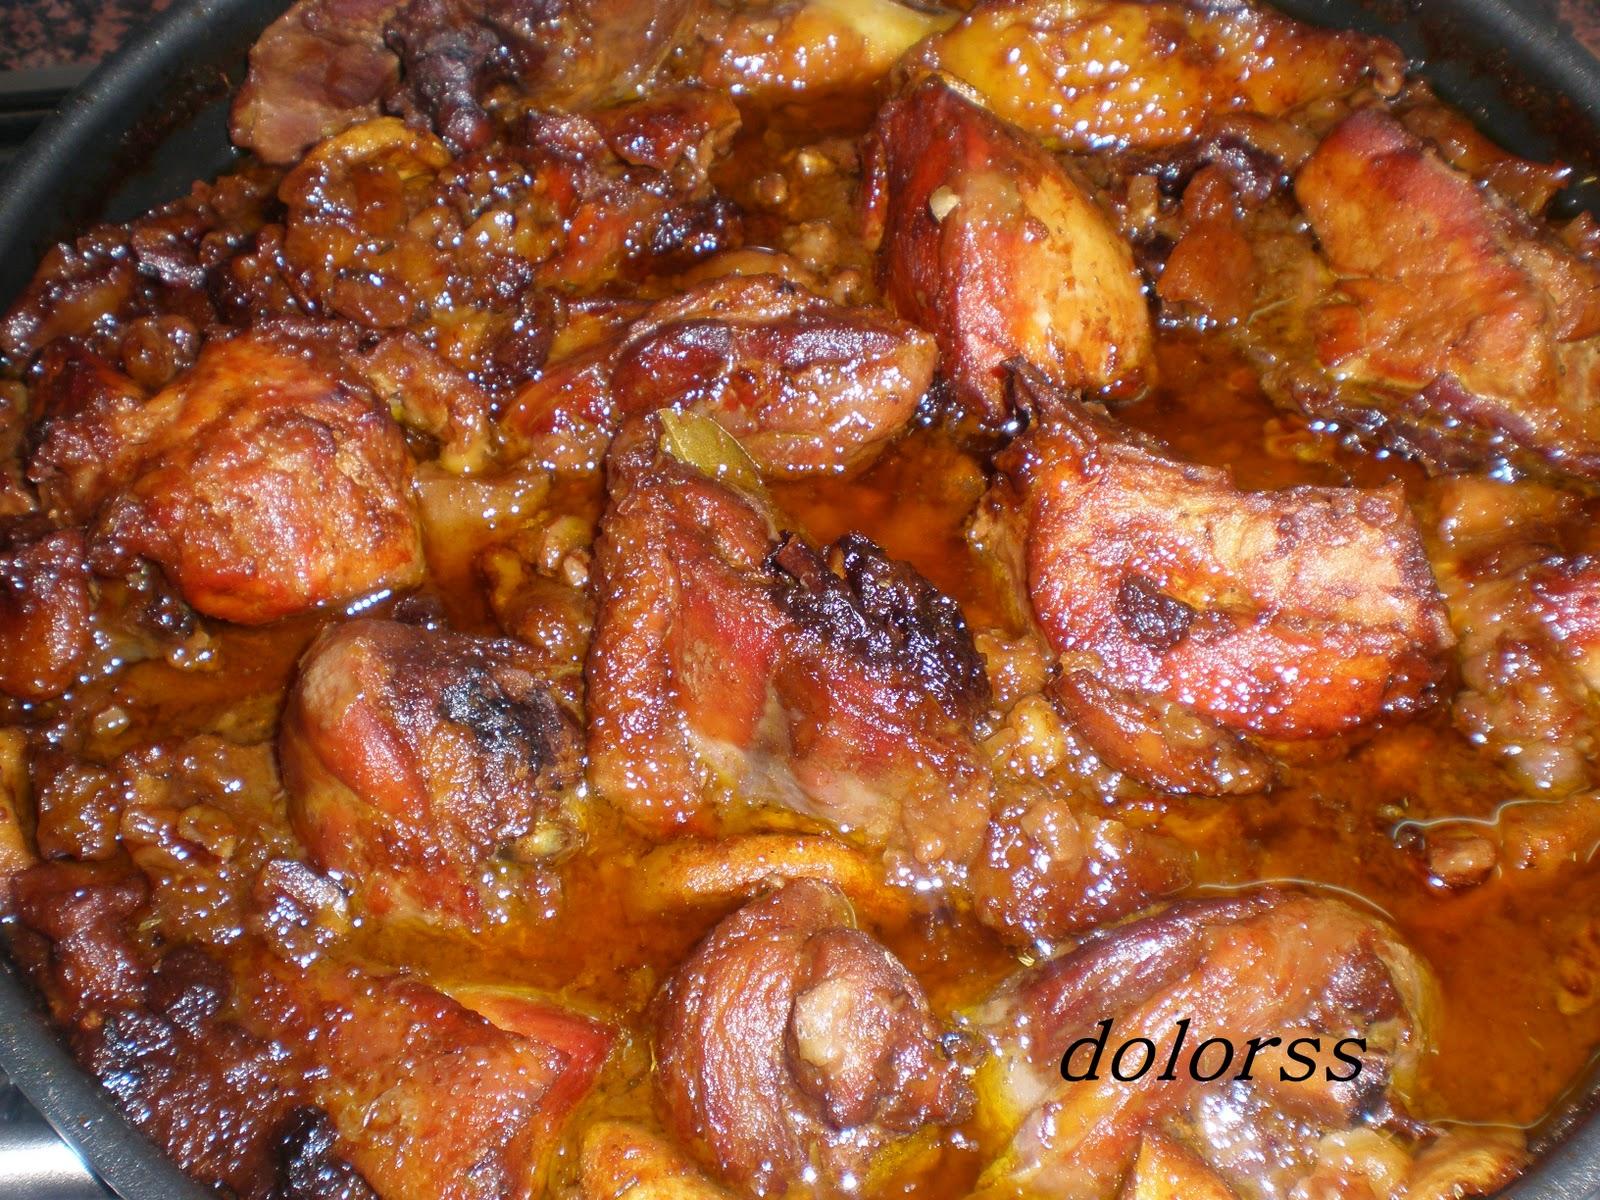 Blog de cuina de la dolorss pollo de corral a la cazuela - Pollo de corral guisado ...